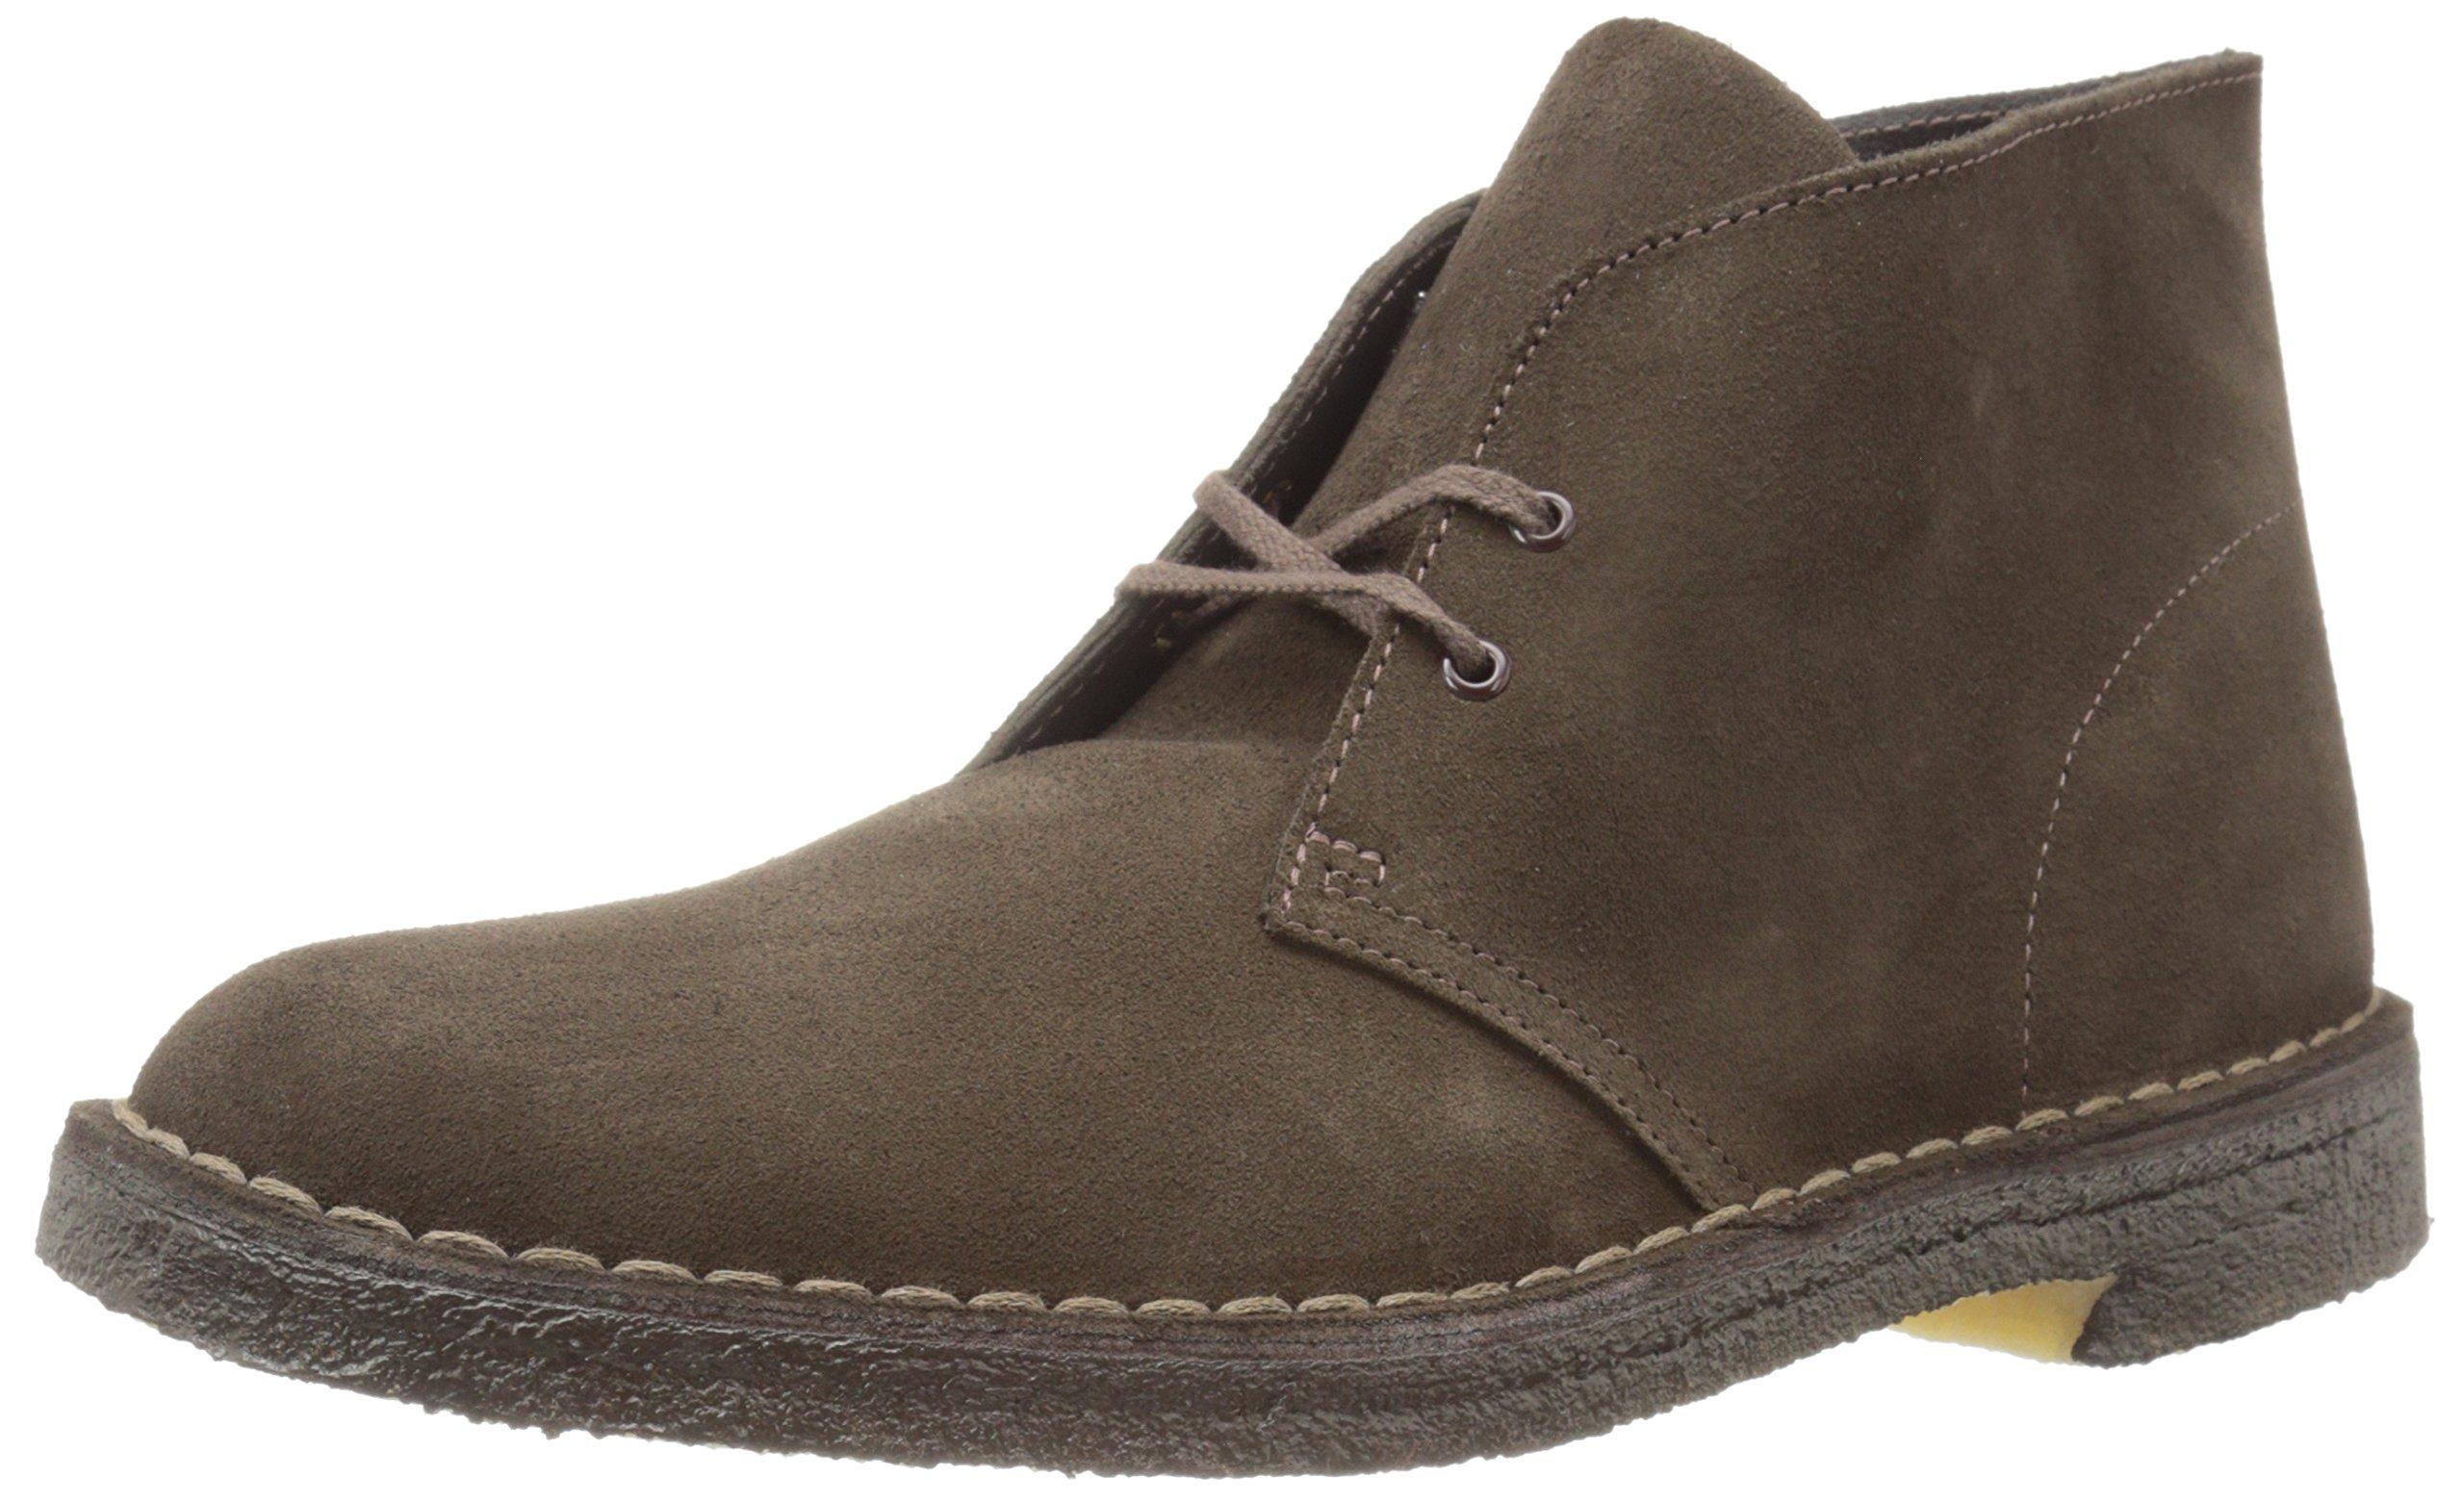 Clarks Originals Men's Desert Boot,Brown Suede,10.5 M US